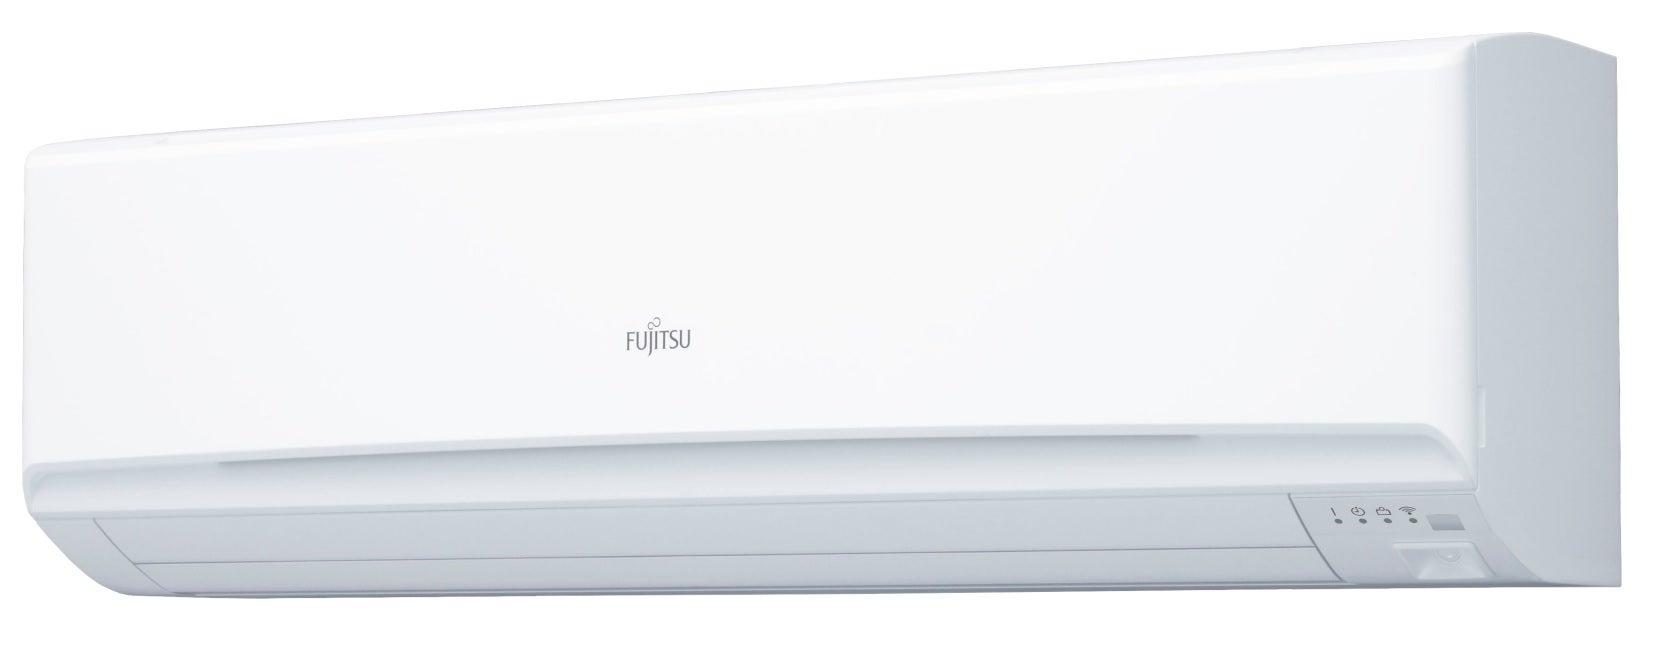 Fujitsu ASTG30KMTC Air Conditioner